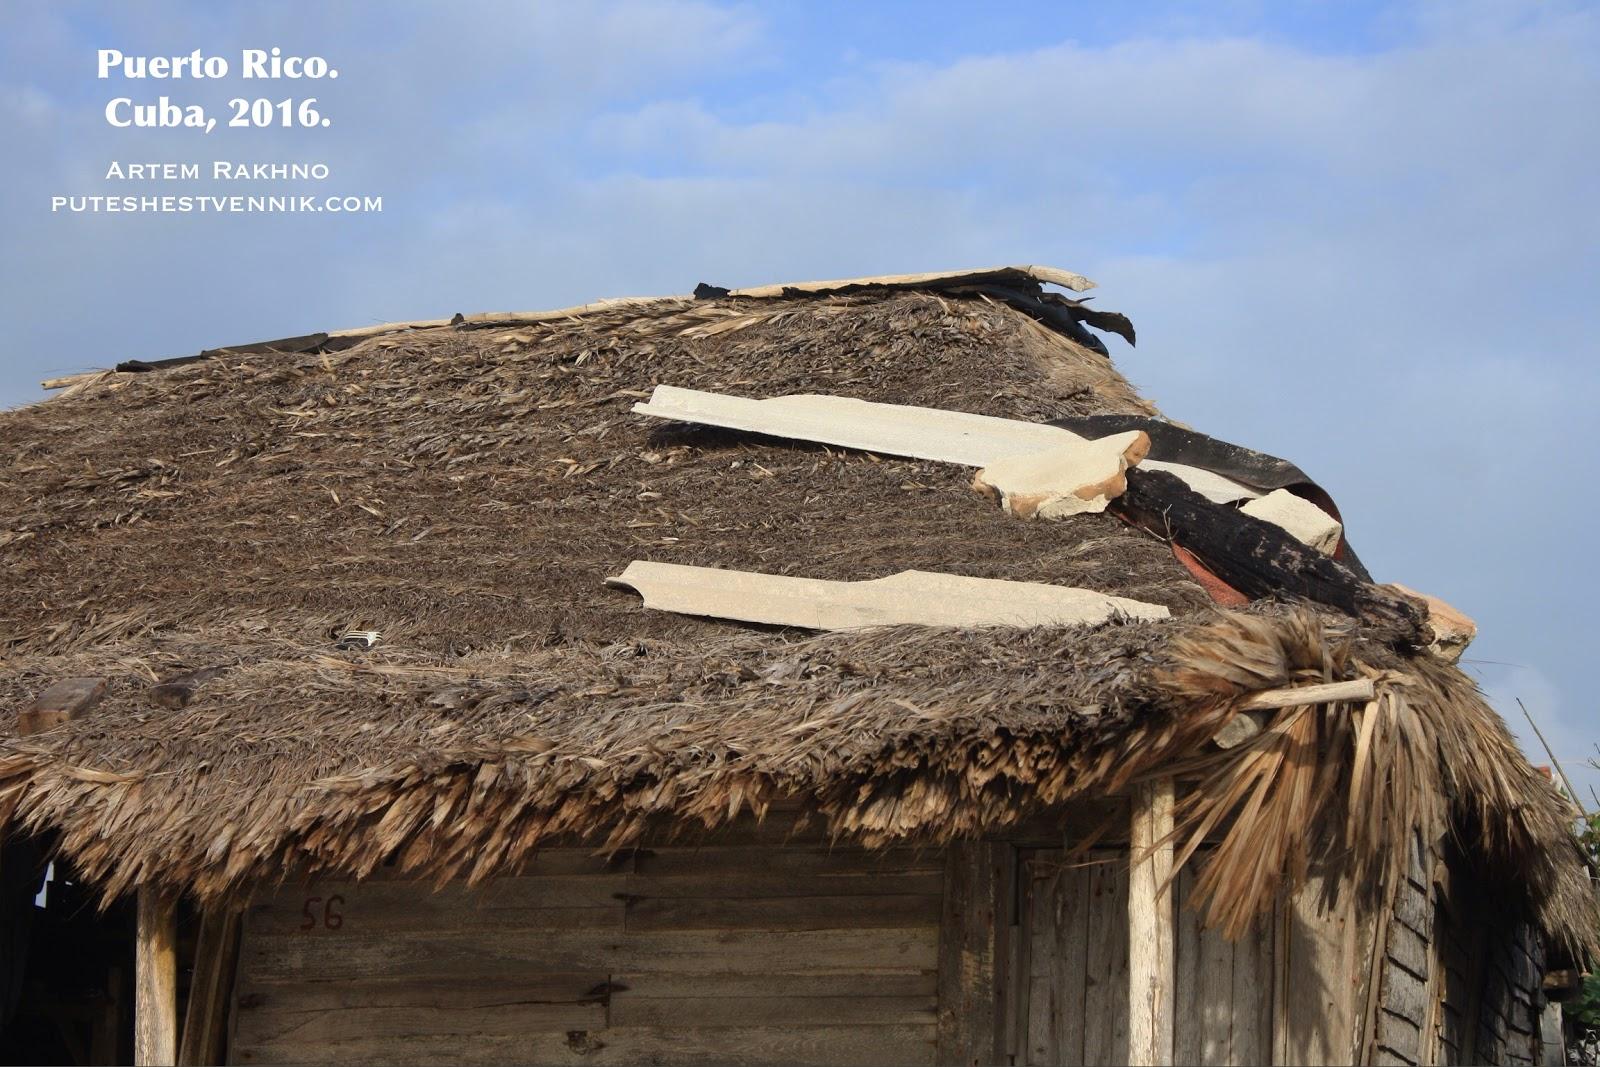 Крыша из пальмовых листьев у дома на Кубе